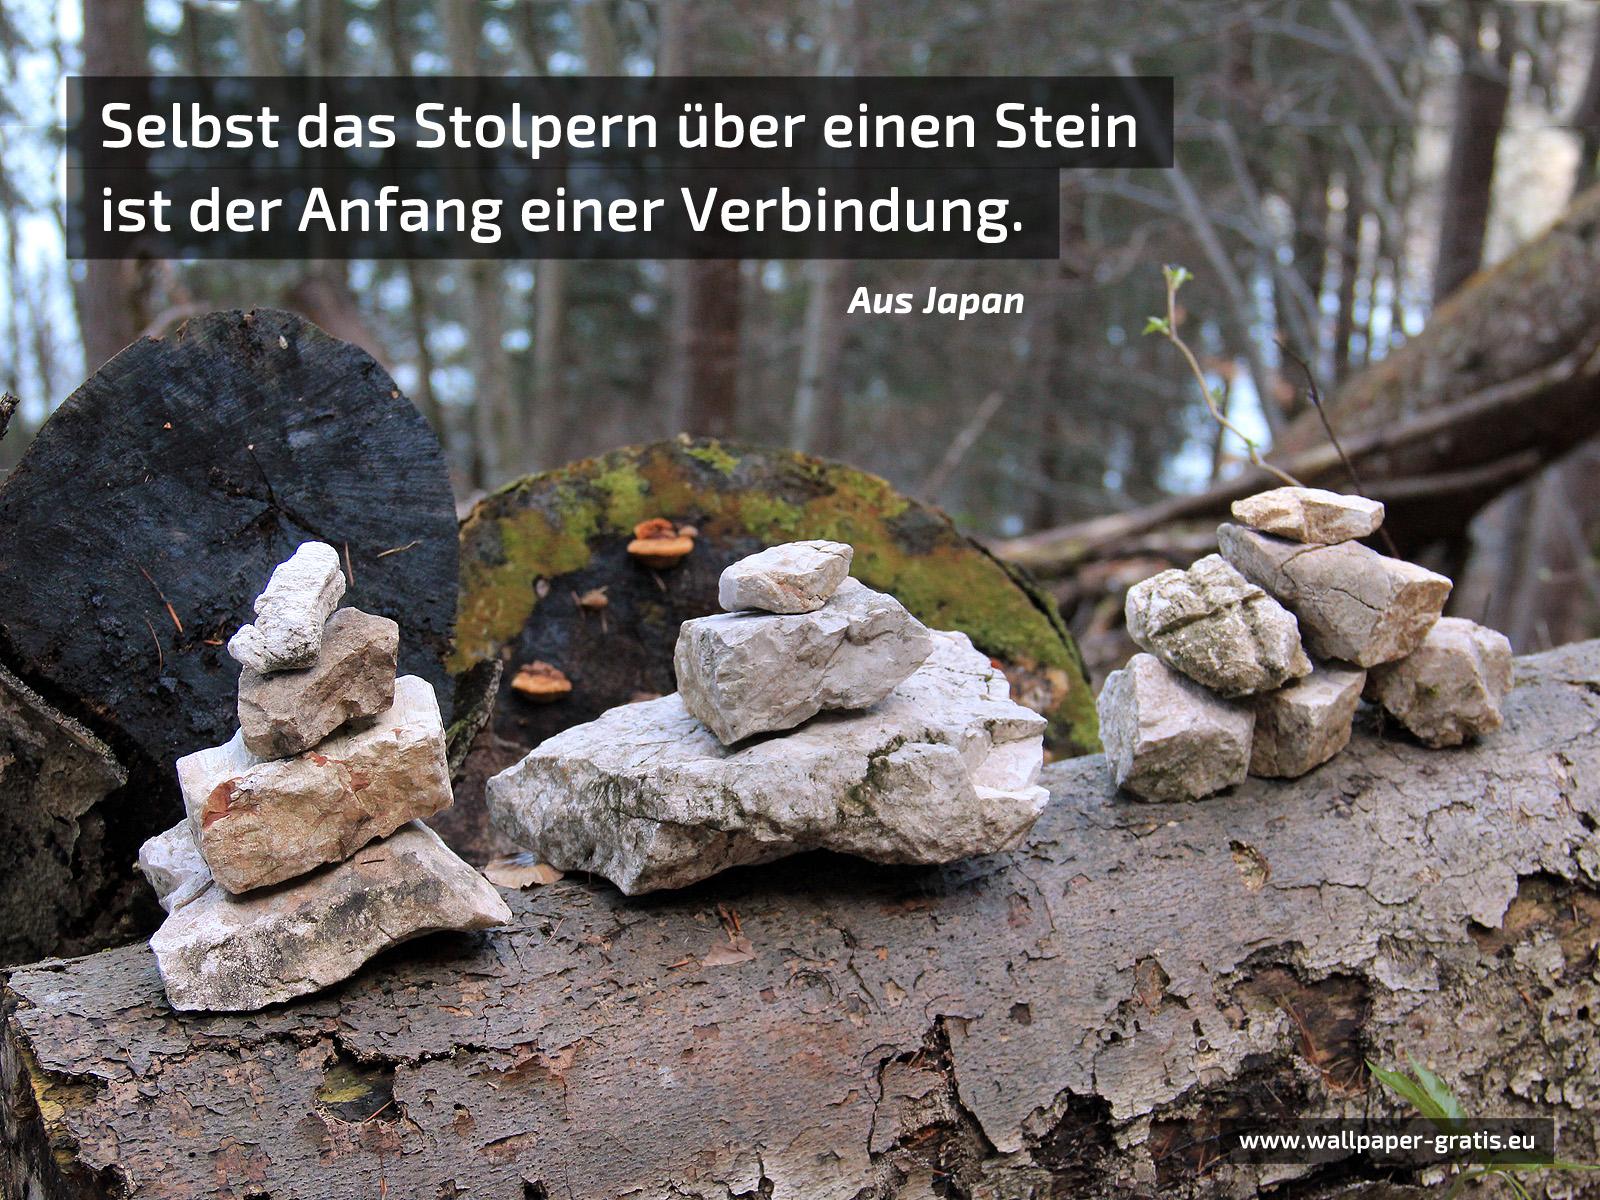 Sprüche Steine | Spruche Mit Bildern Zum Nachdenken Kostenlose Hintergrundbilder